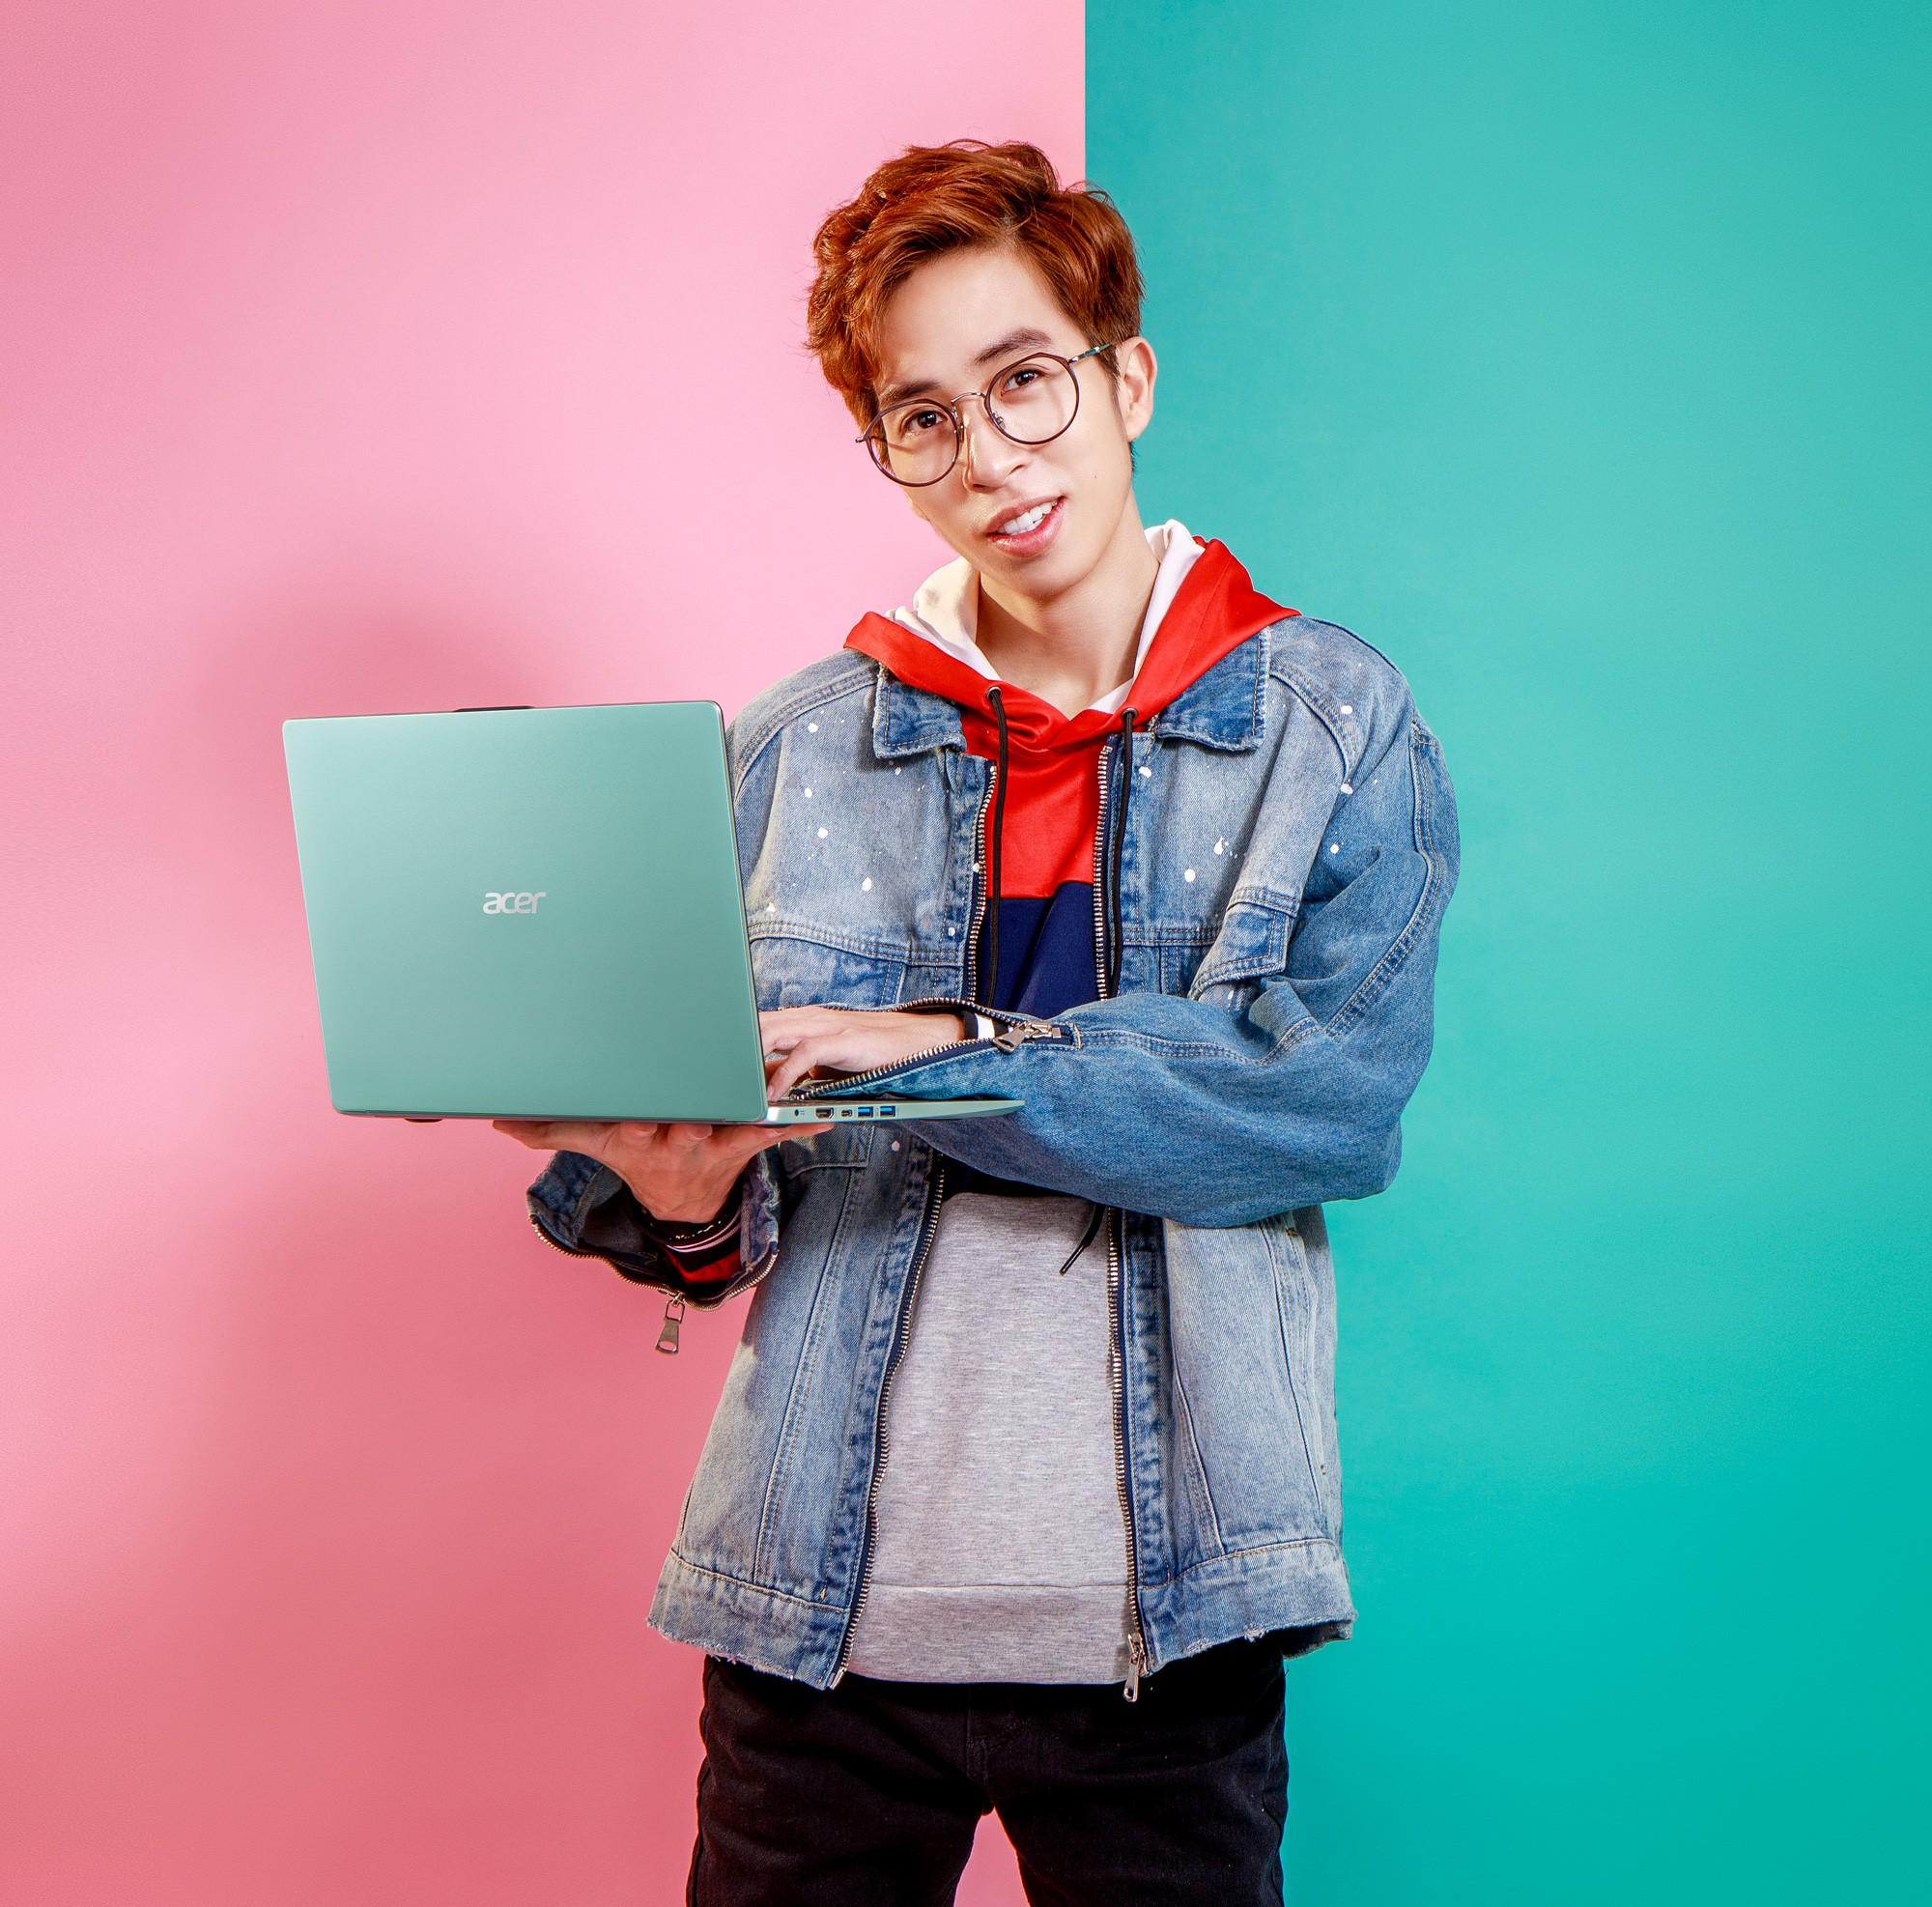 Bí quyết chọn laptop chuẩn cho sinh viên theo ngành học - Ảnh 1.